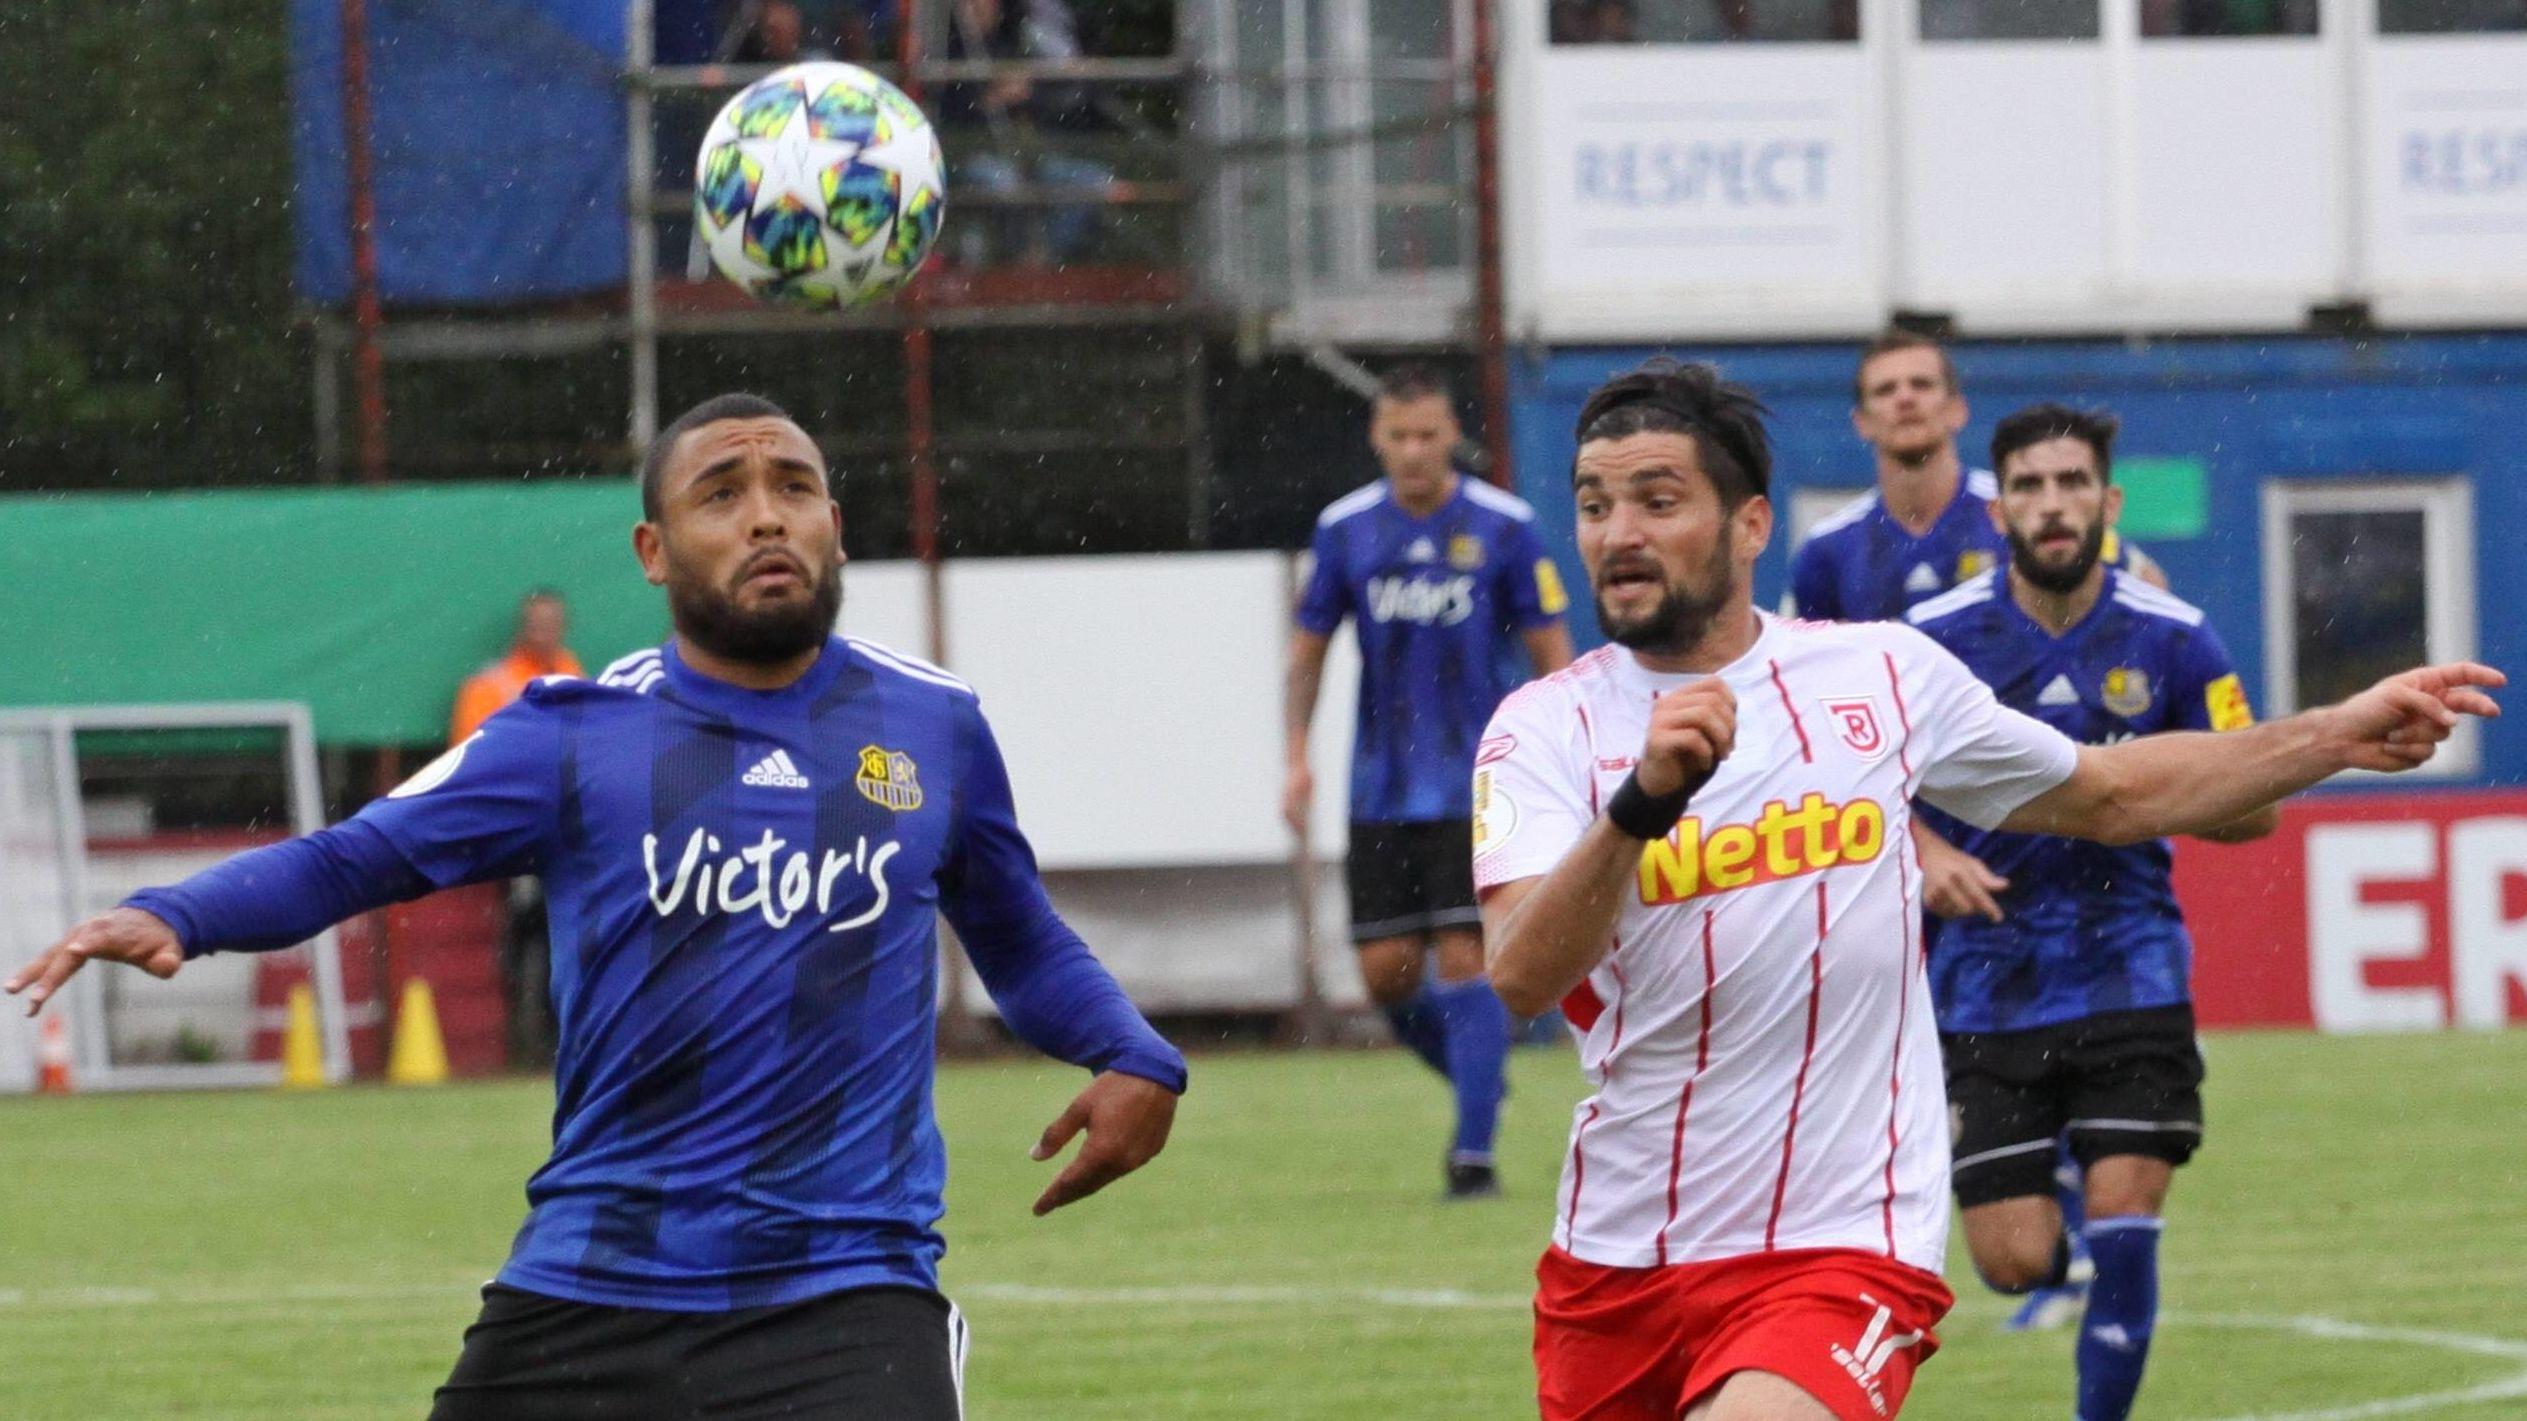 Spielanalyse | 1. FC Saarbrücken - Jahn Regensburg 3:2 | 1. Runde | DFB-Pokal 2019/20 - kicker